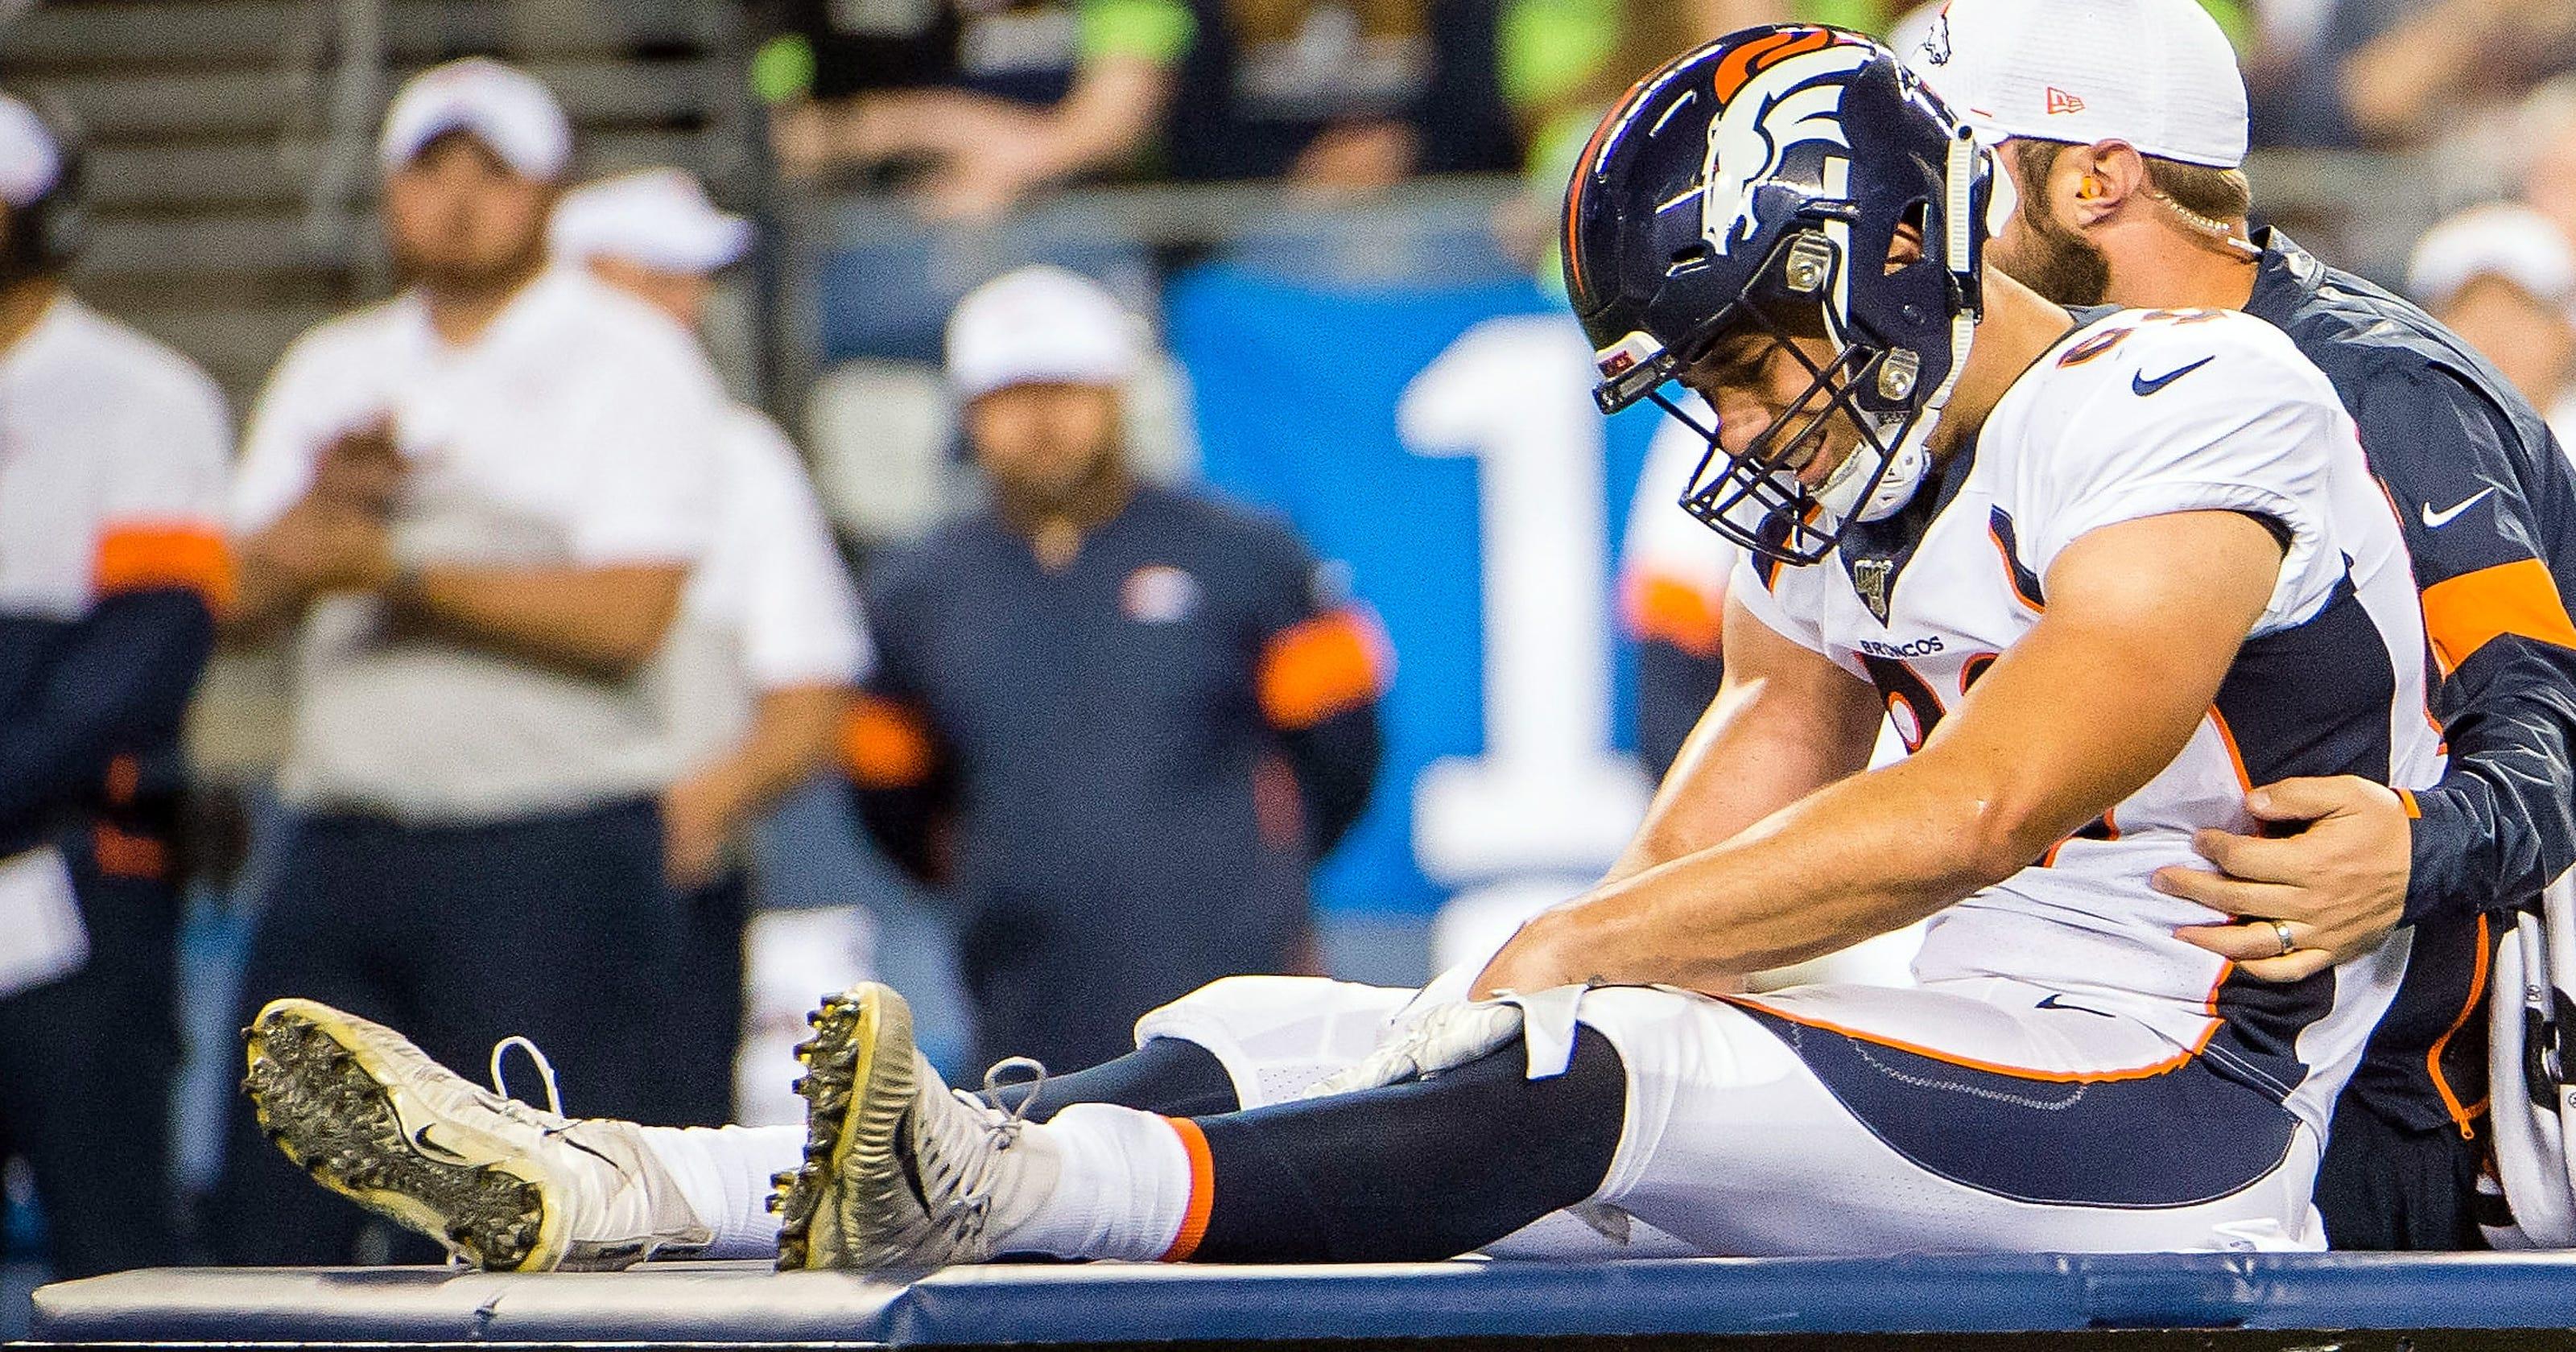 b7ddb3c9 Denver Broncos lose TE Austin Fort to season-ending ACL injury